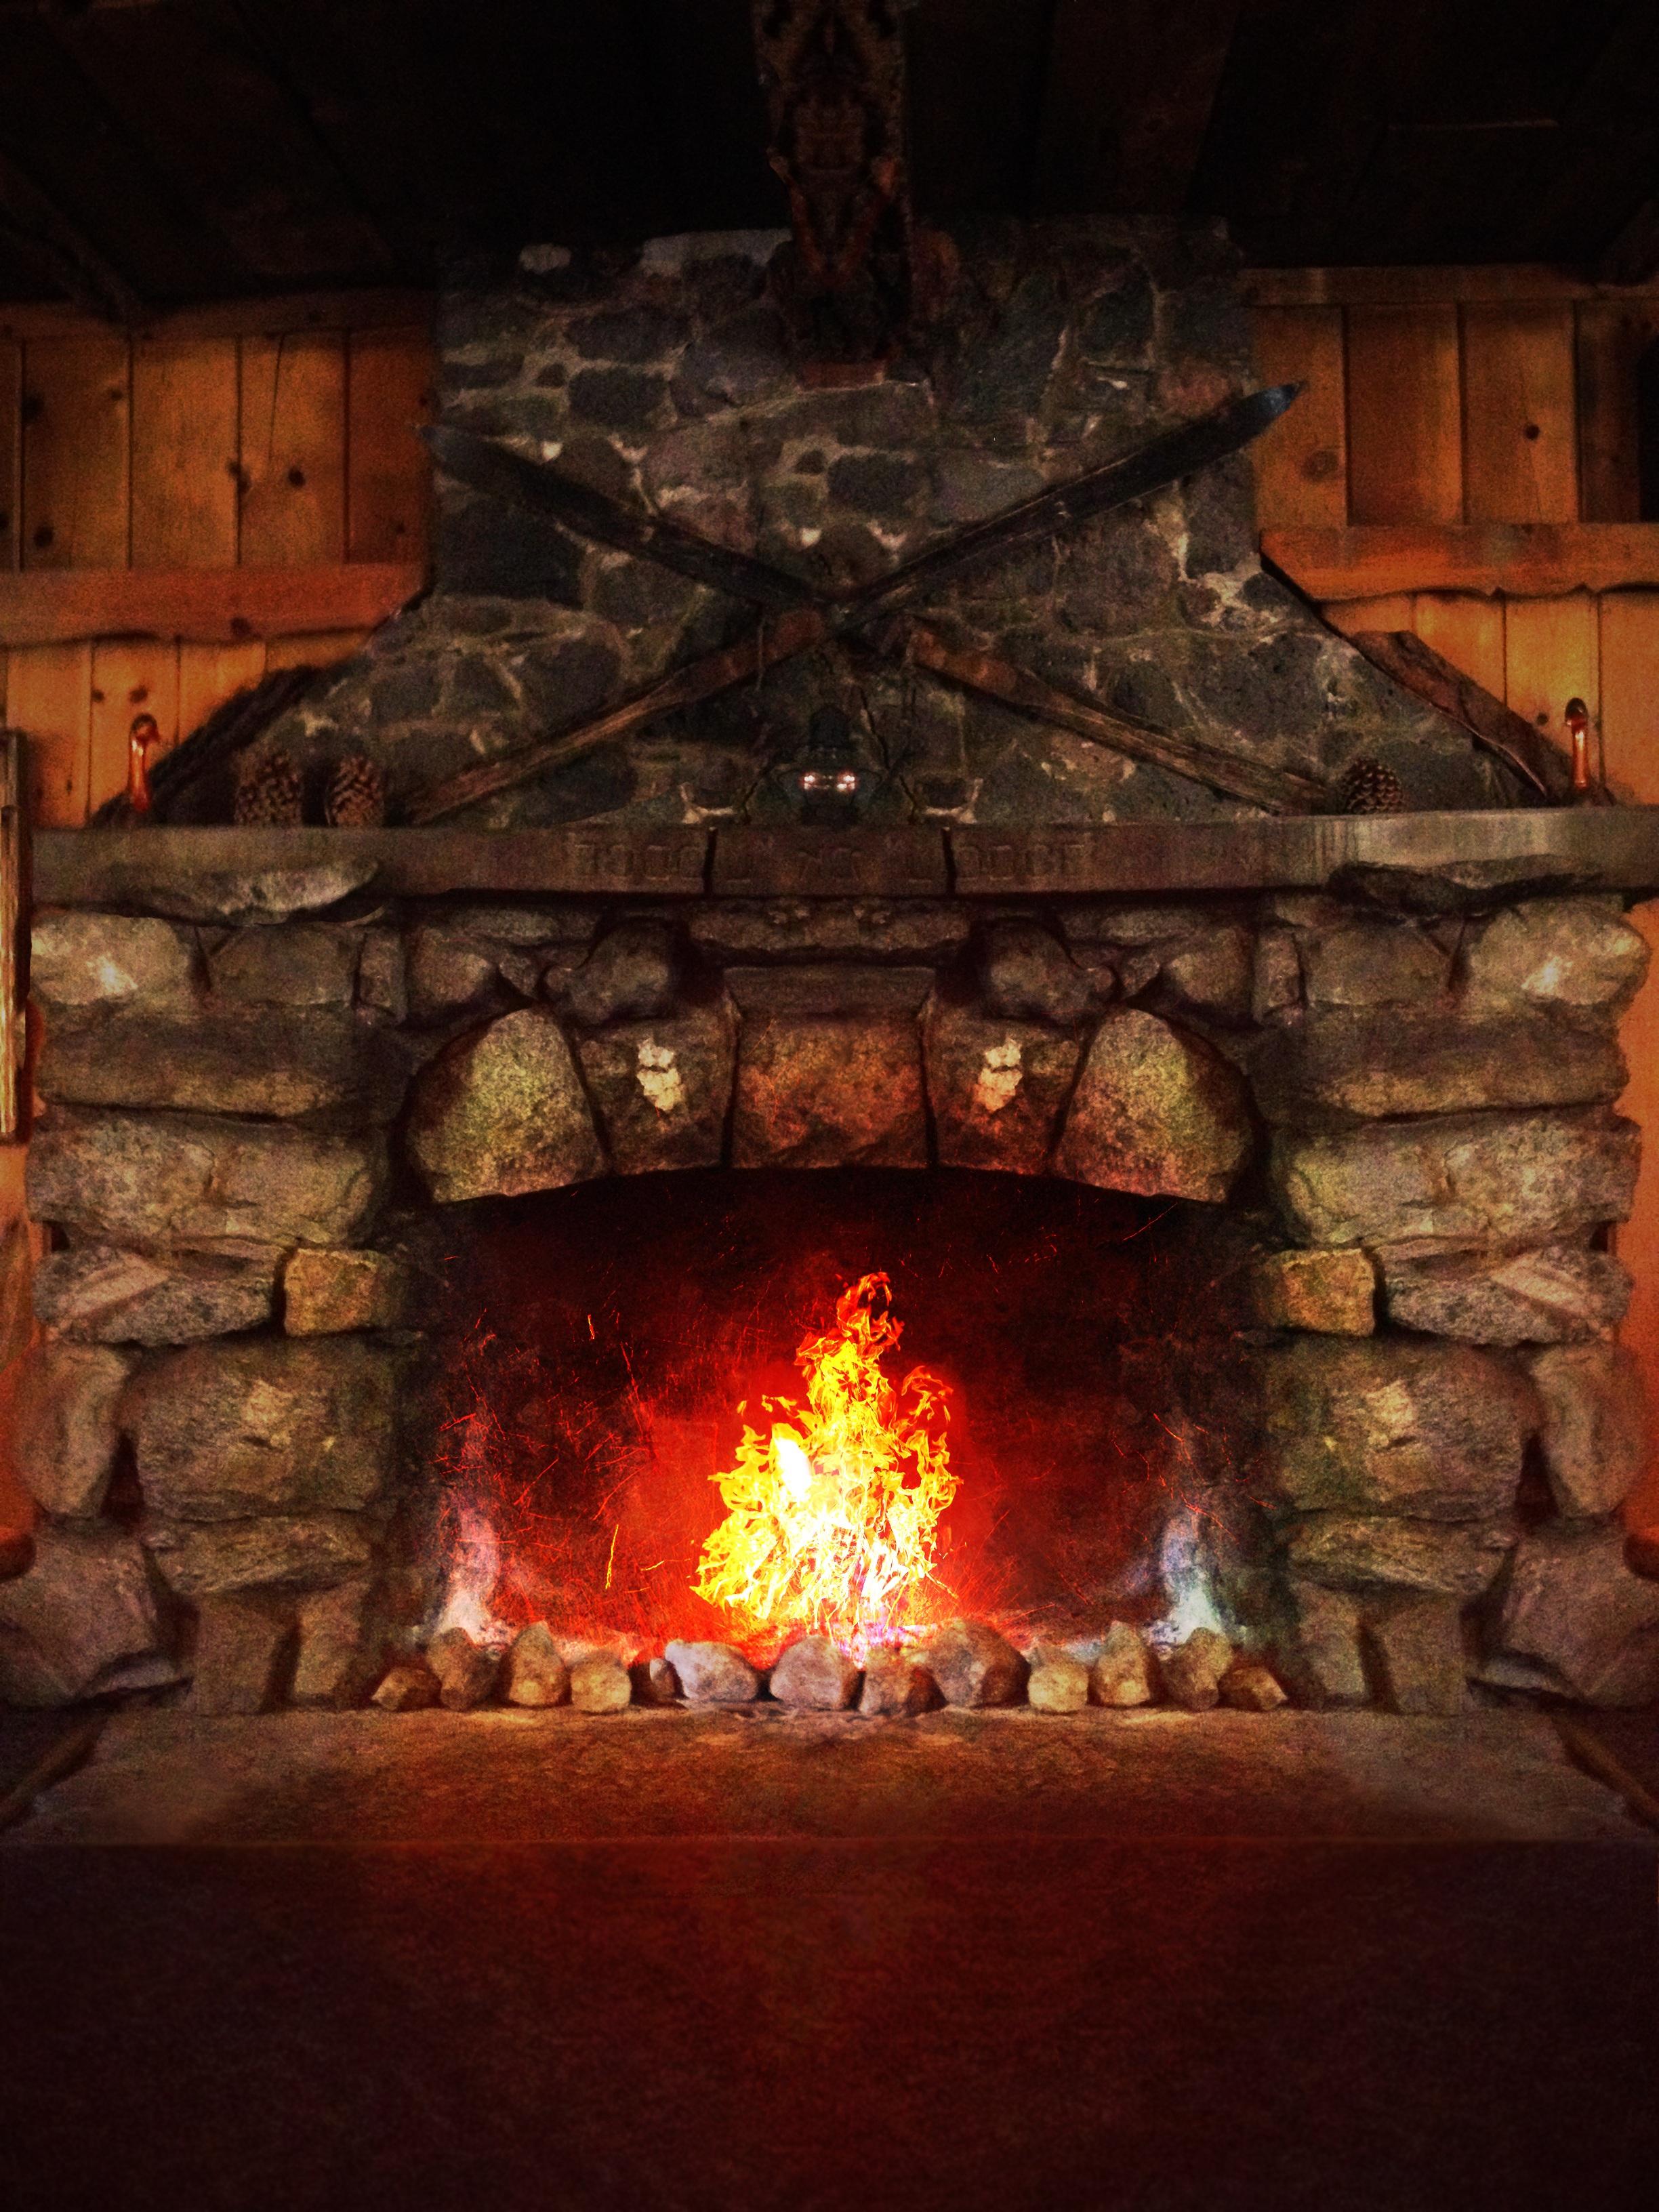 무료 이미지 : 겨울, 목재, 어둠, 조명, 크리스마스 장식, 로그 ...